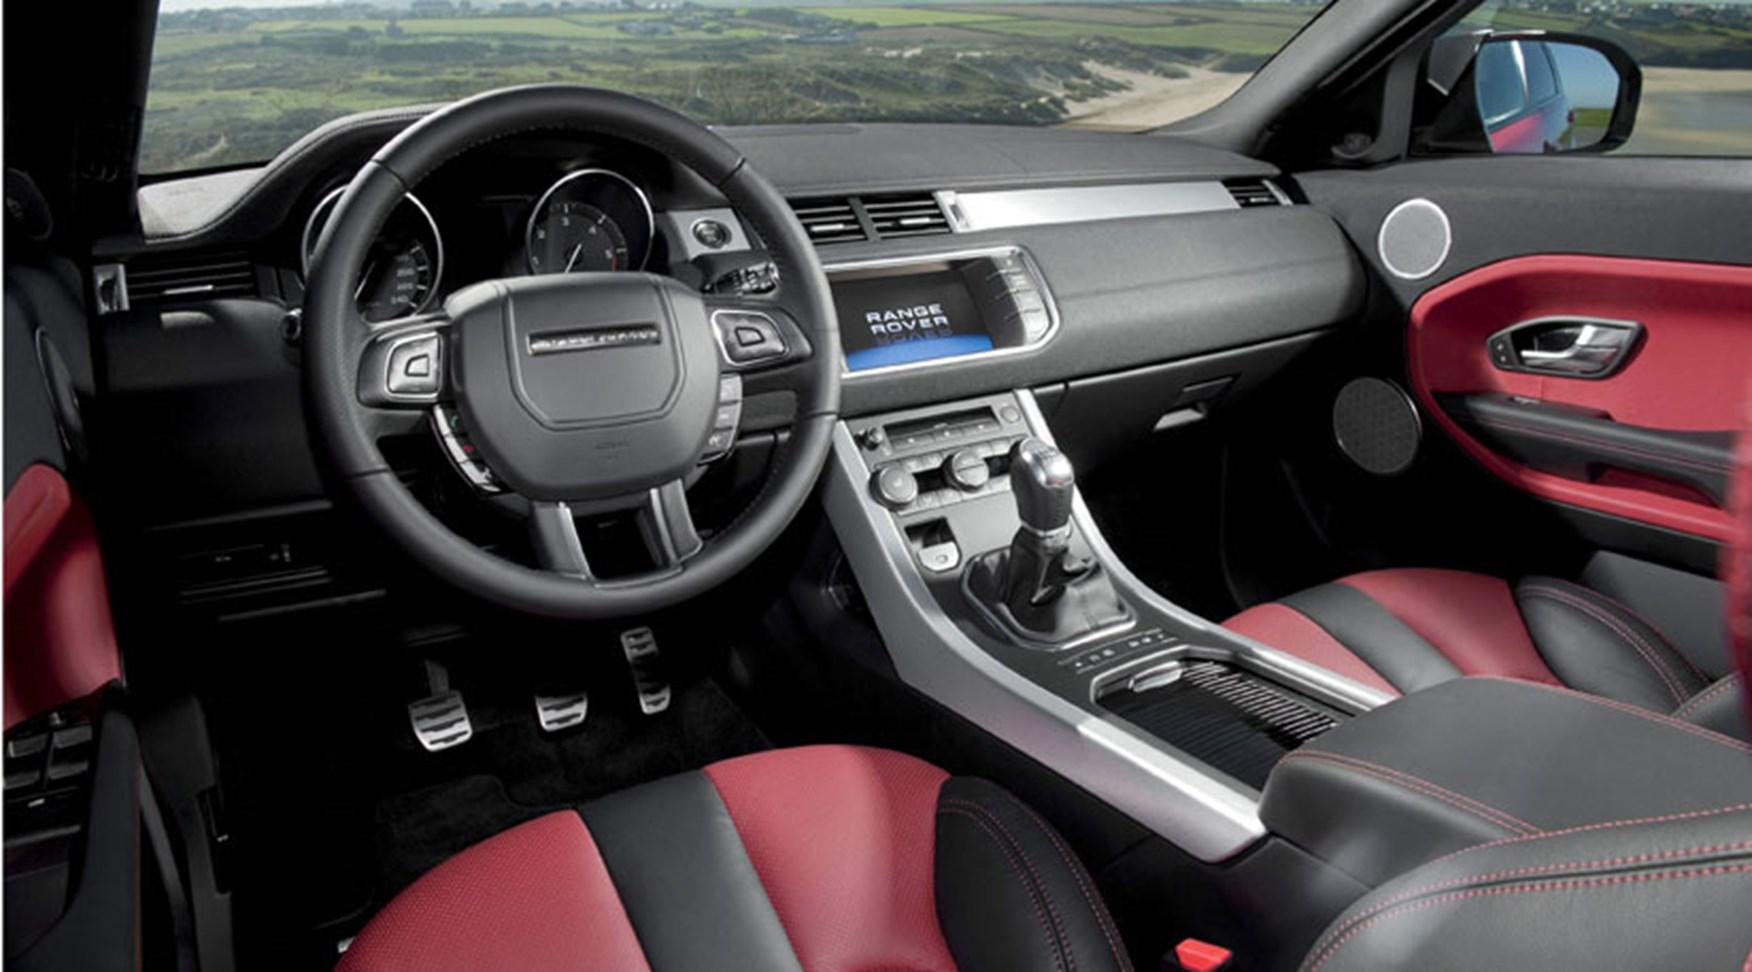 Range Rover Evoque 2011 Uk Prices Announced Car Magazine